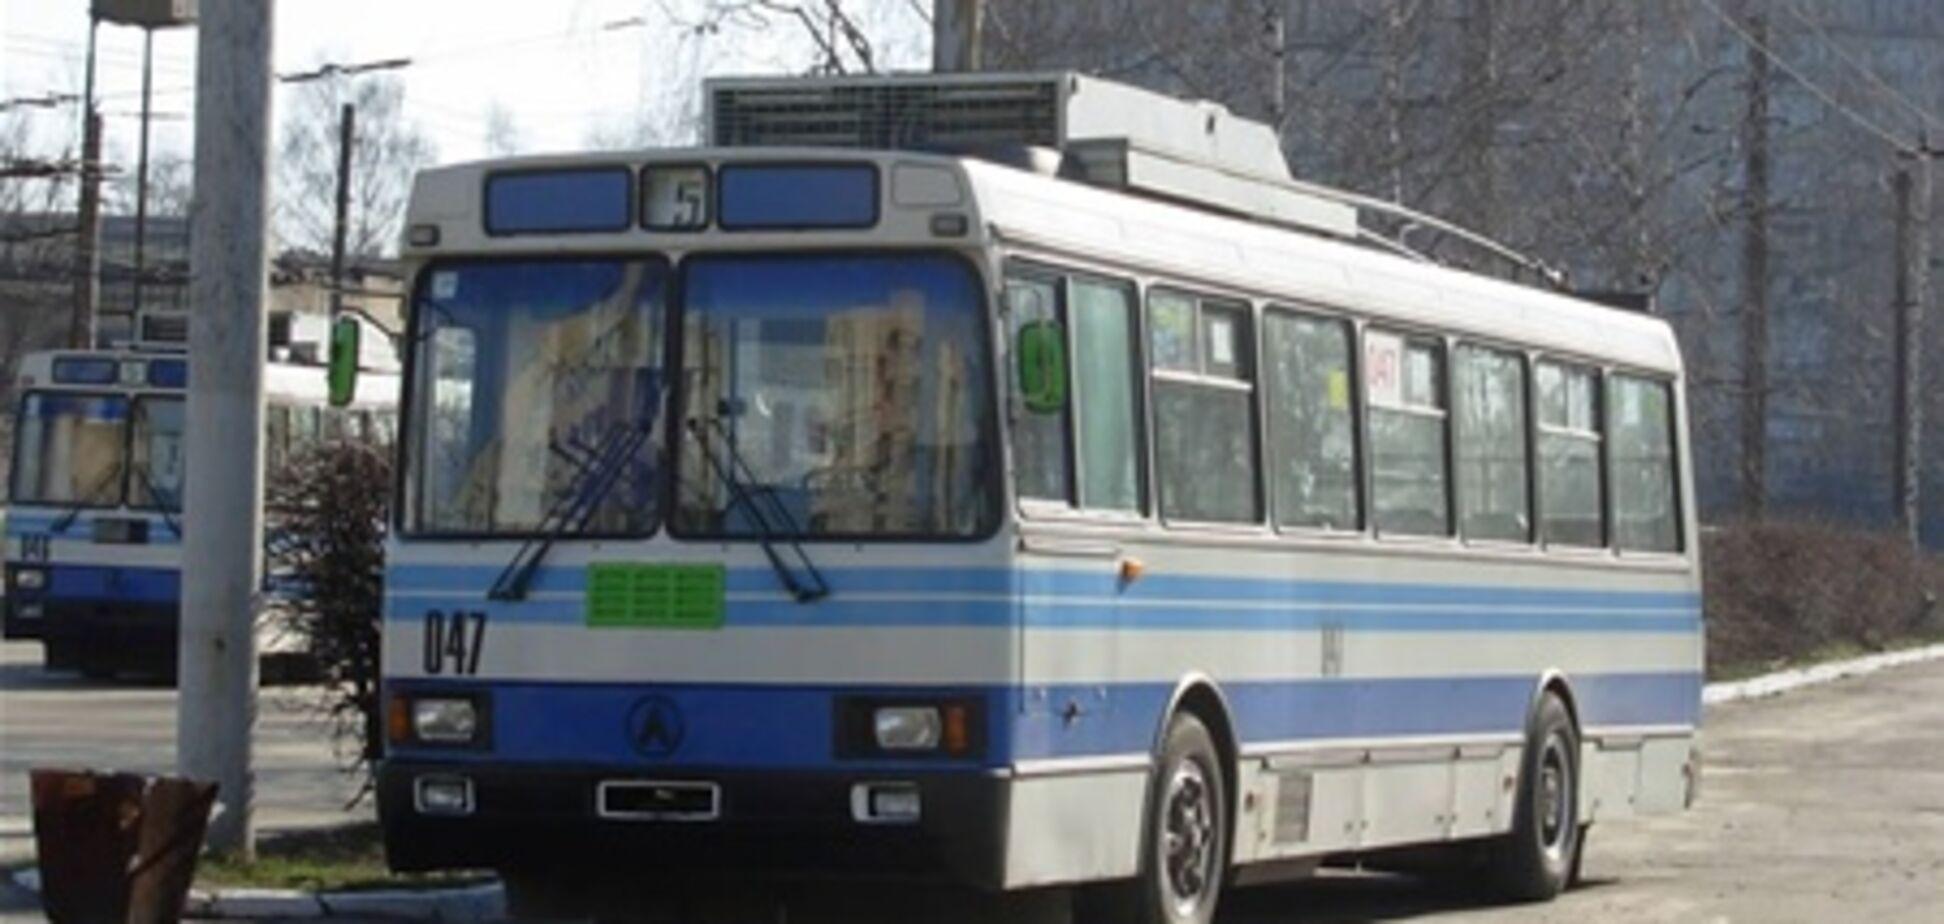 Двое жителей Львова похитили троллейбус